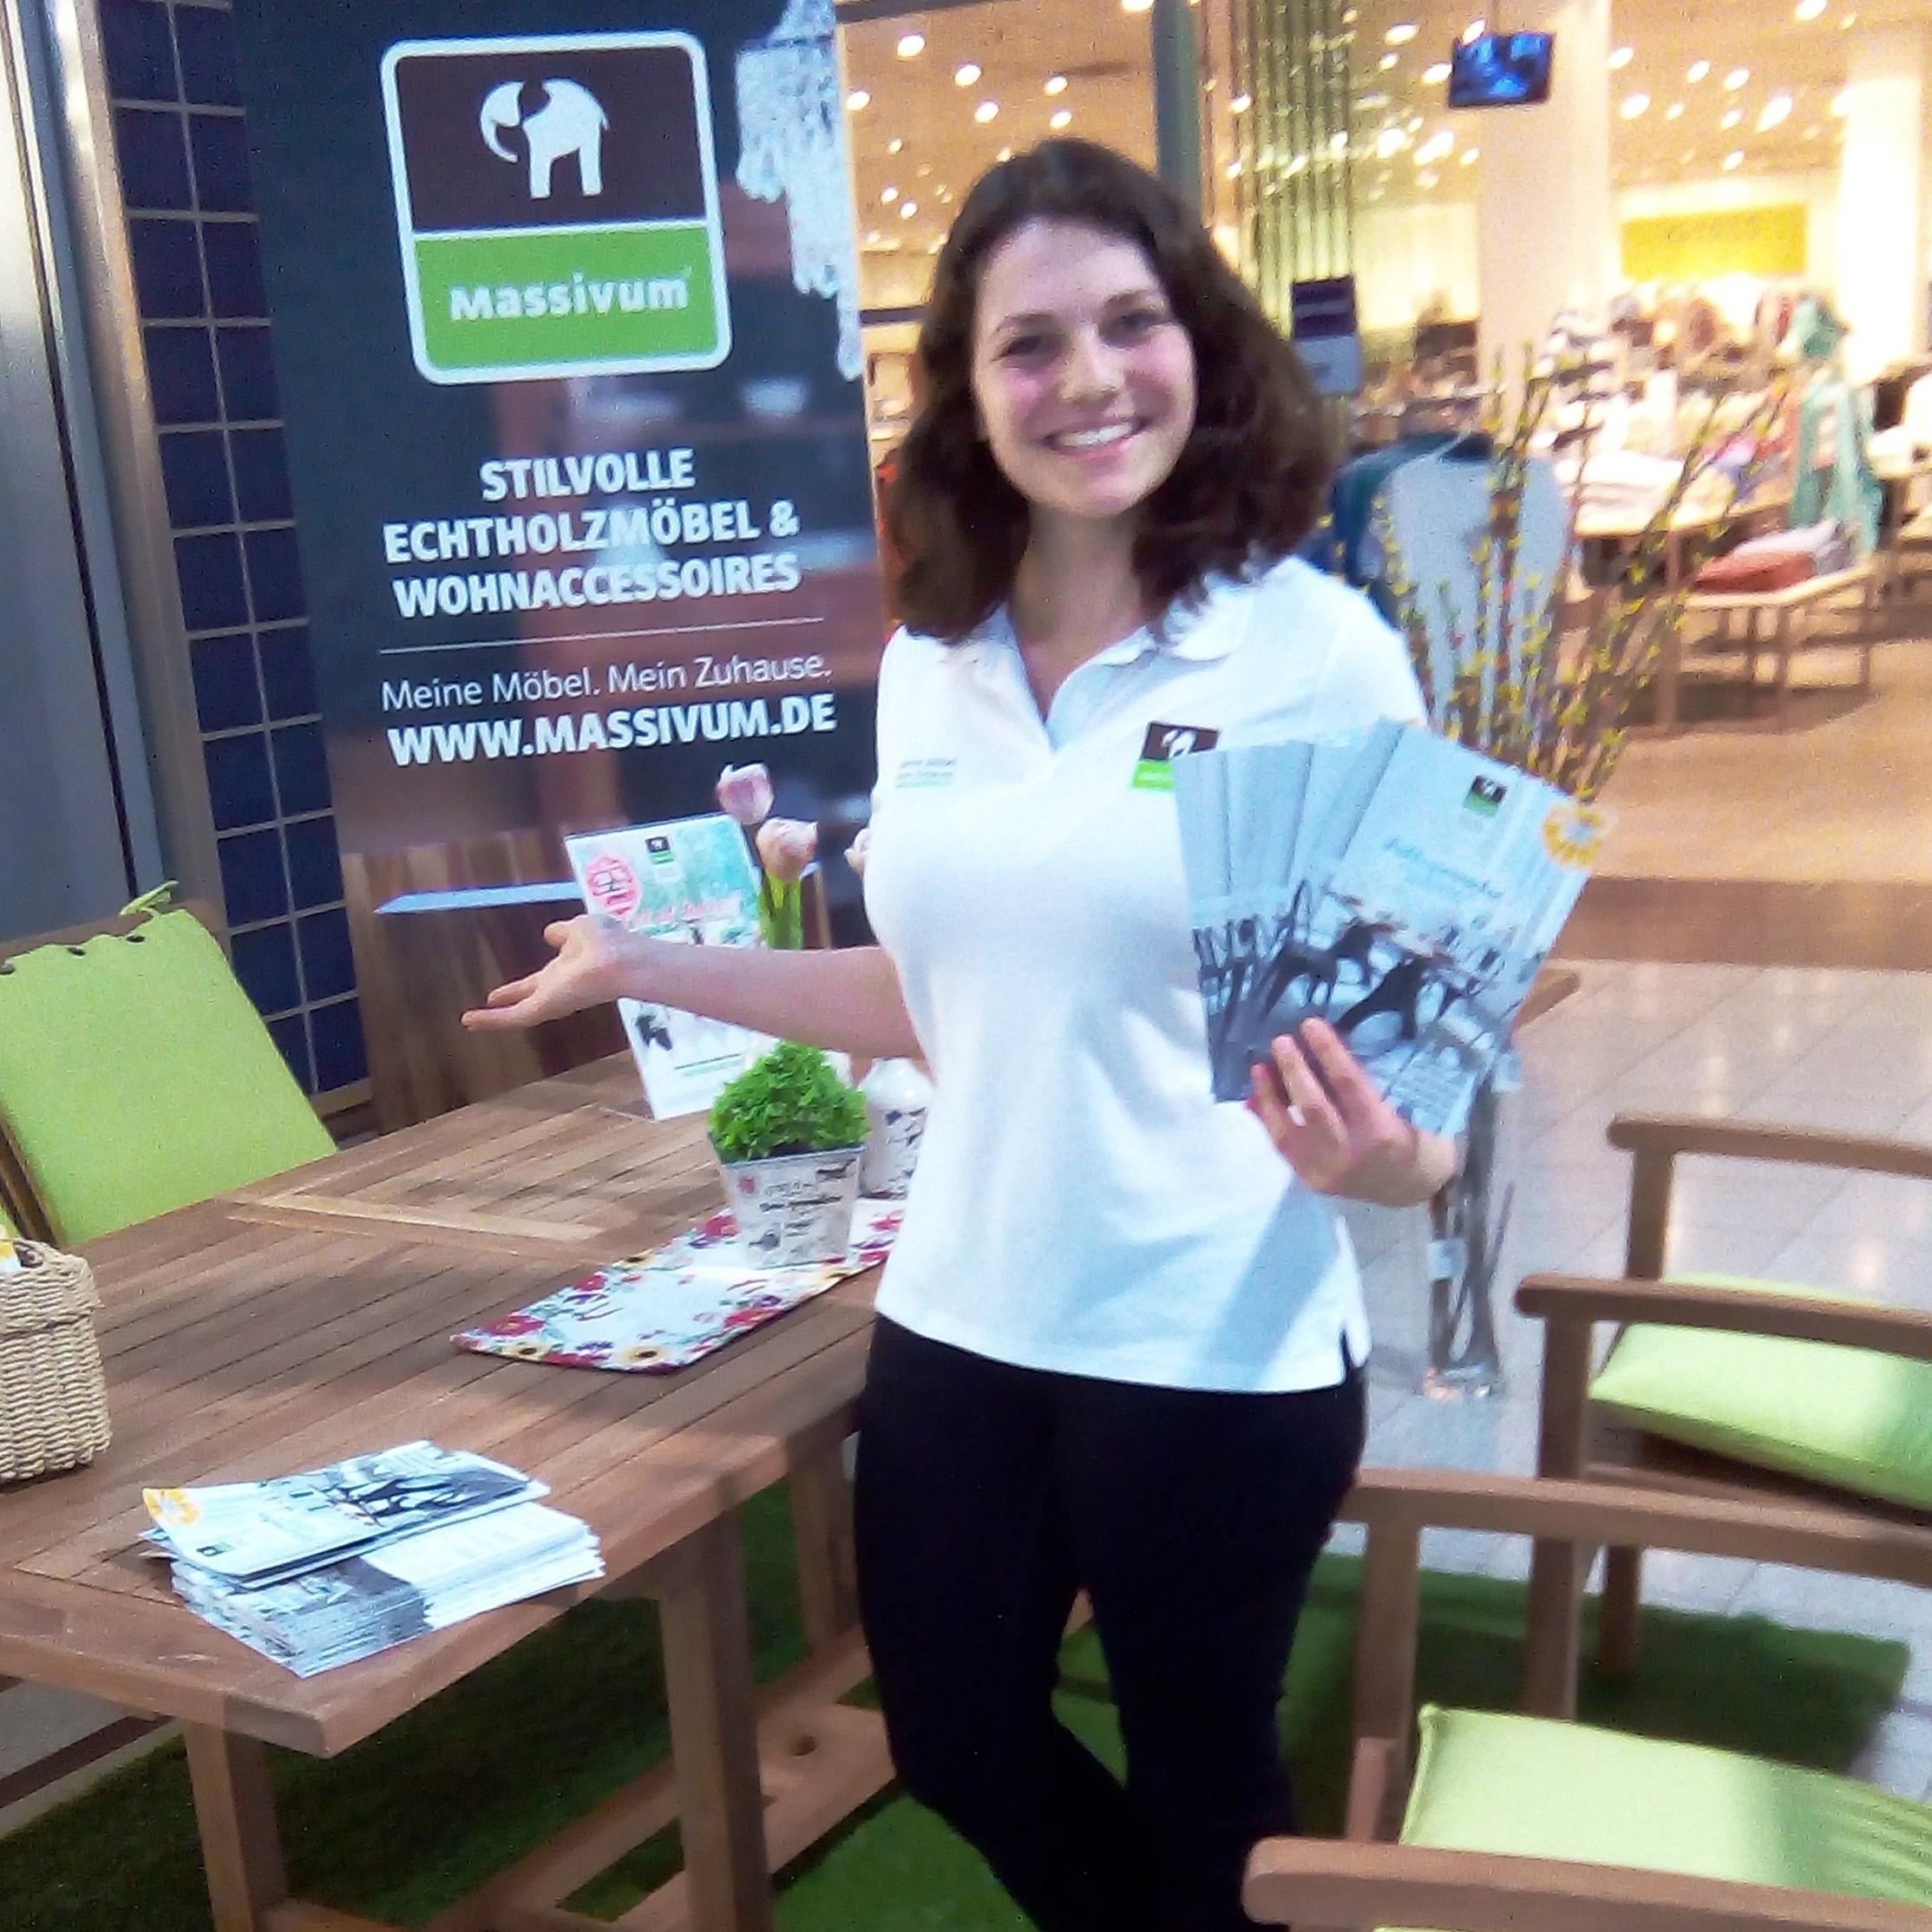 Massivum Frankfurt anne: 12 jobs als promoter & hostess - ich spreche f- instaff